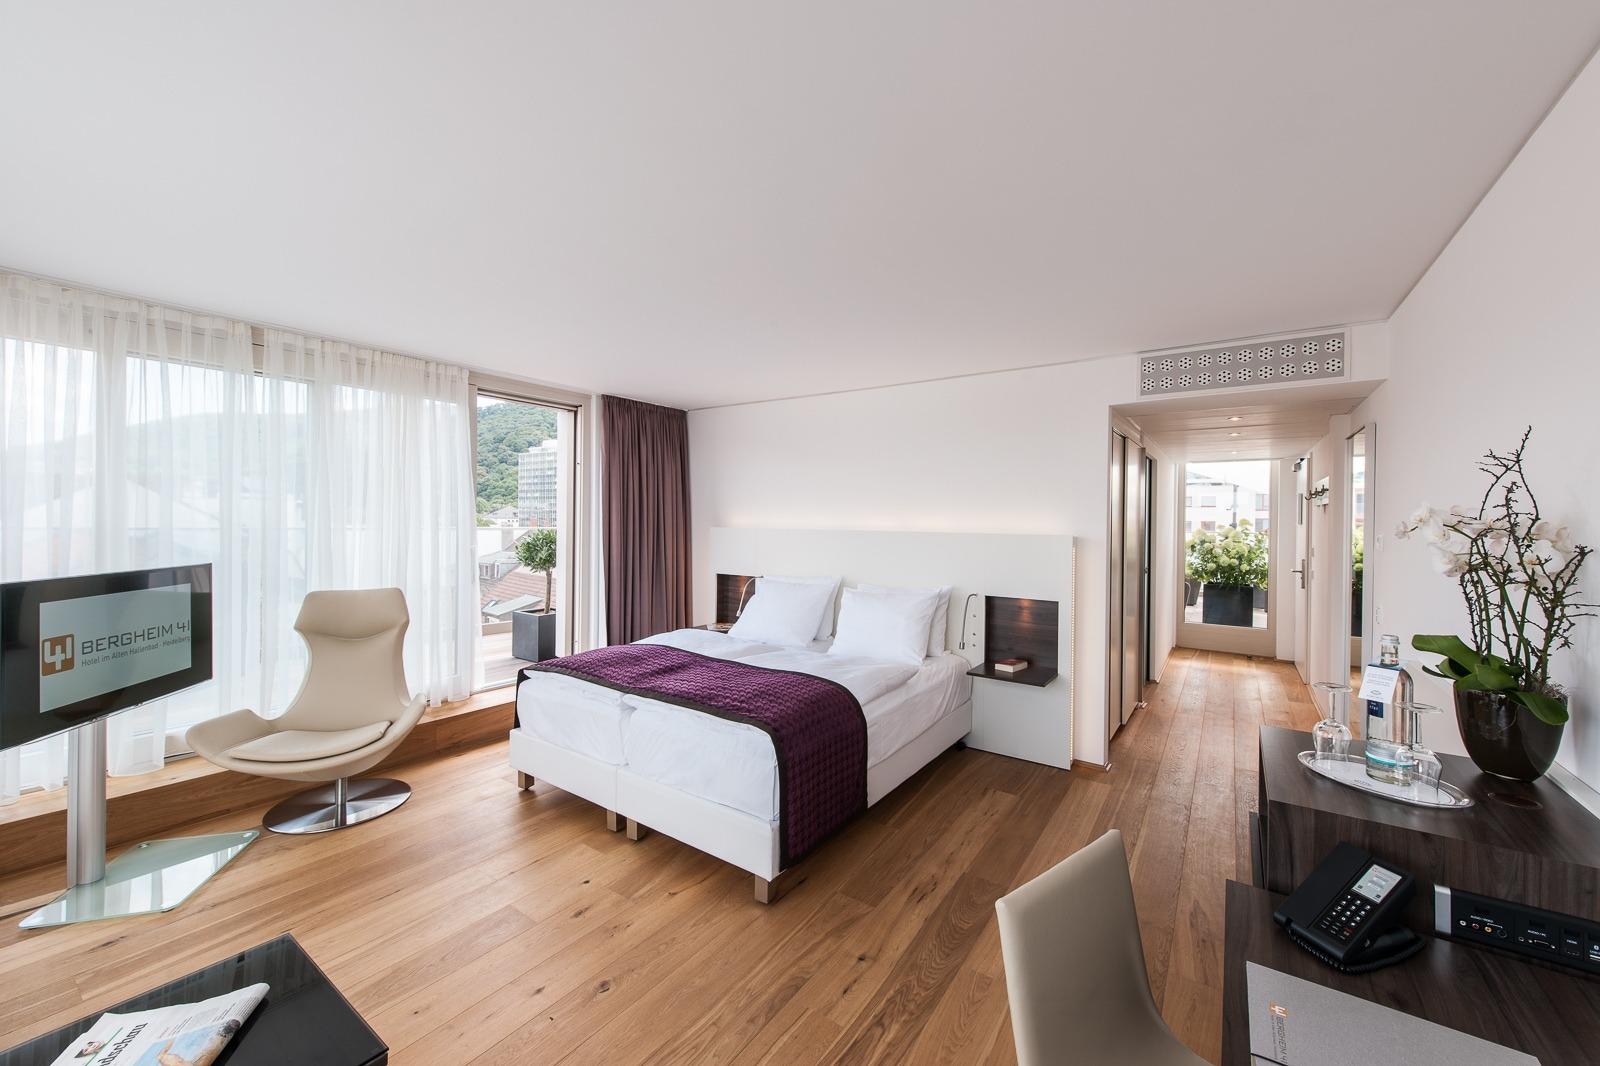 Zimmer unsere zimmer und suiten im bergheim 41 for Innenarchitektur heidelberg